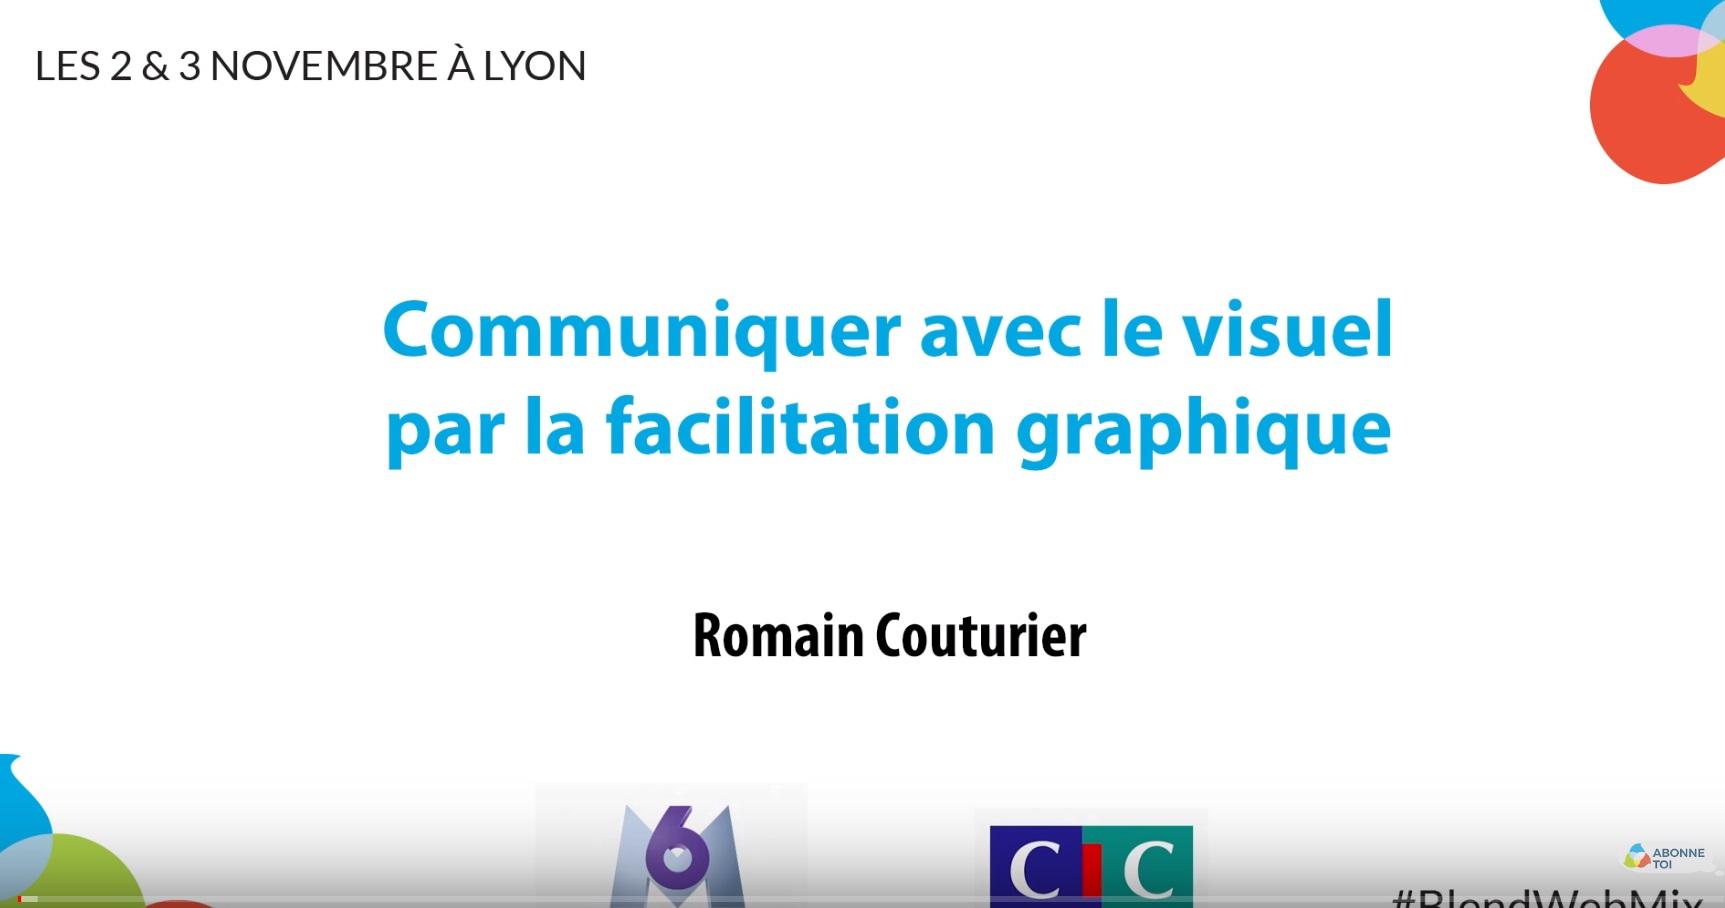 Communiquer avec le visuel par la facilitation graphique